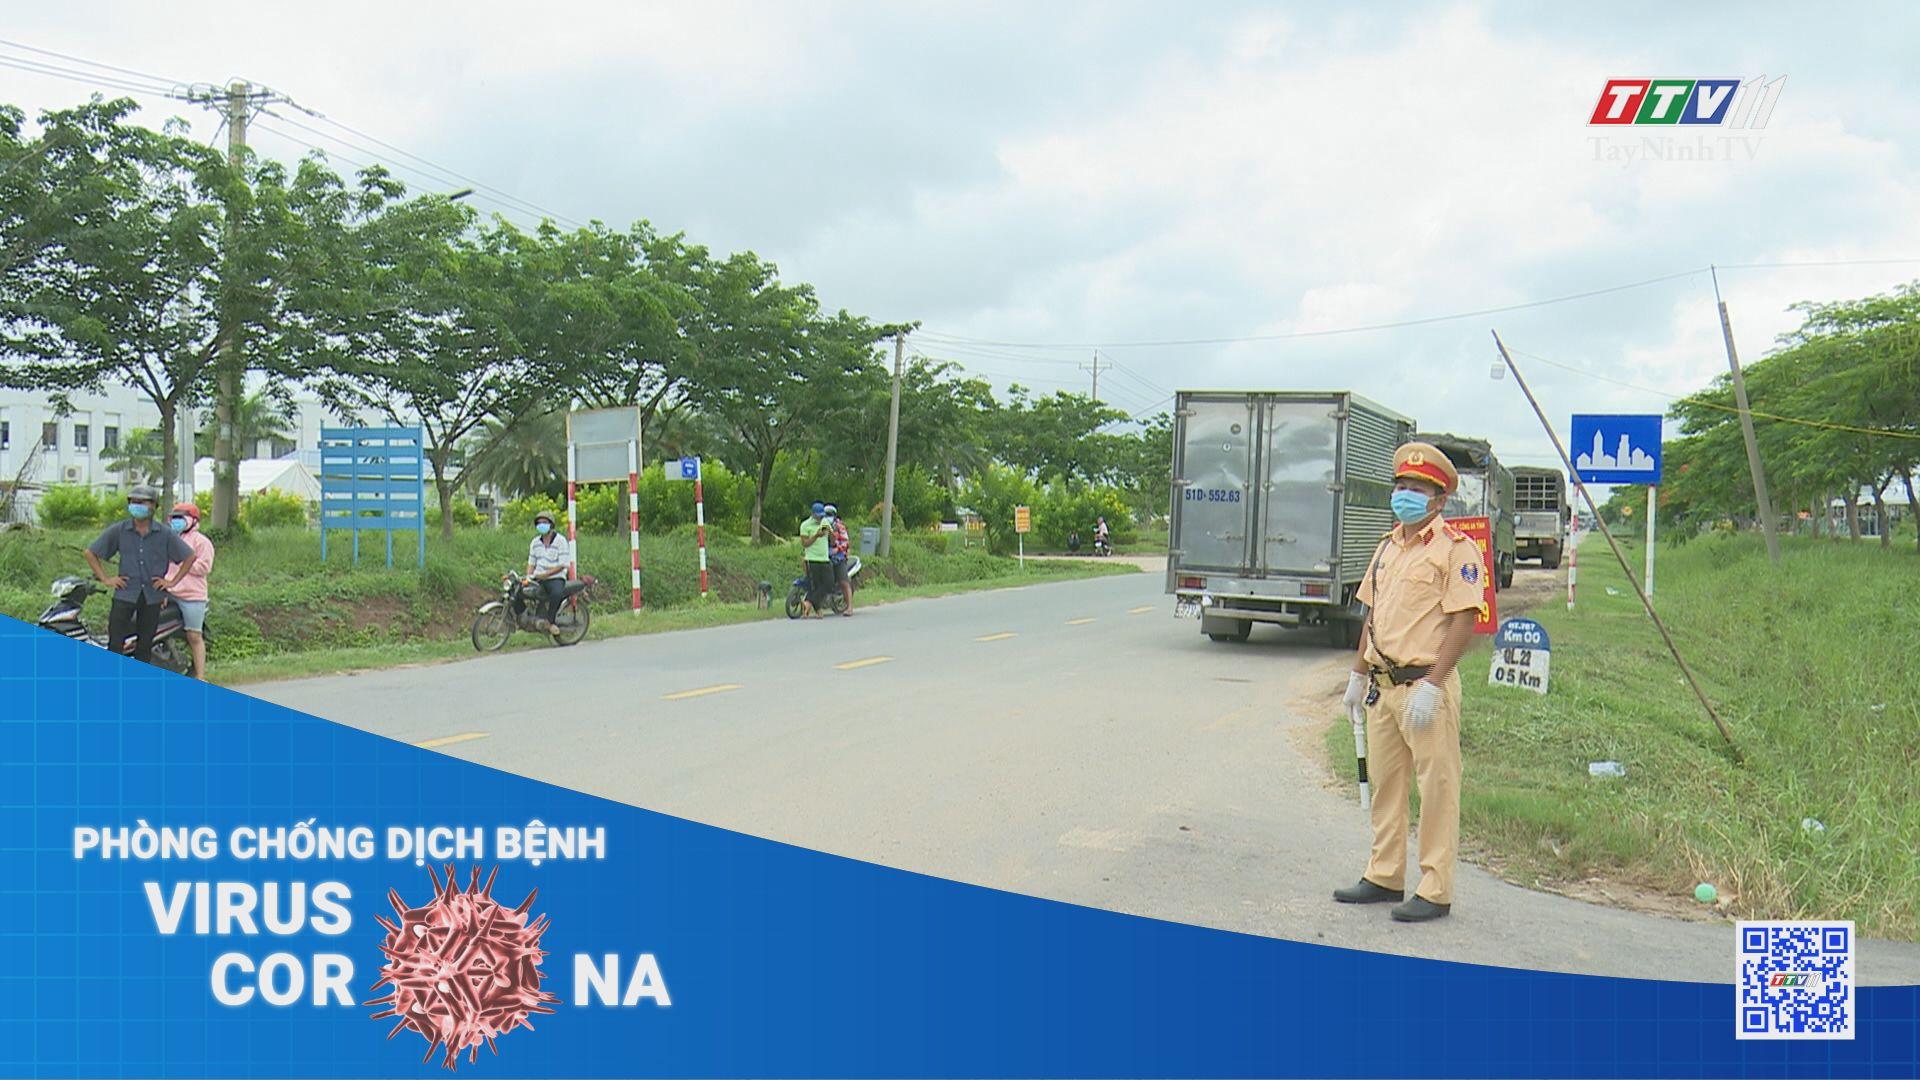 Đảm bảo triển khai hiệu quả Chỉ thị 16 của Chính phủ tại một số địa phương   THÔNG TIN DỊCH COVID-19   TayNinhTV